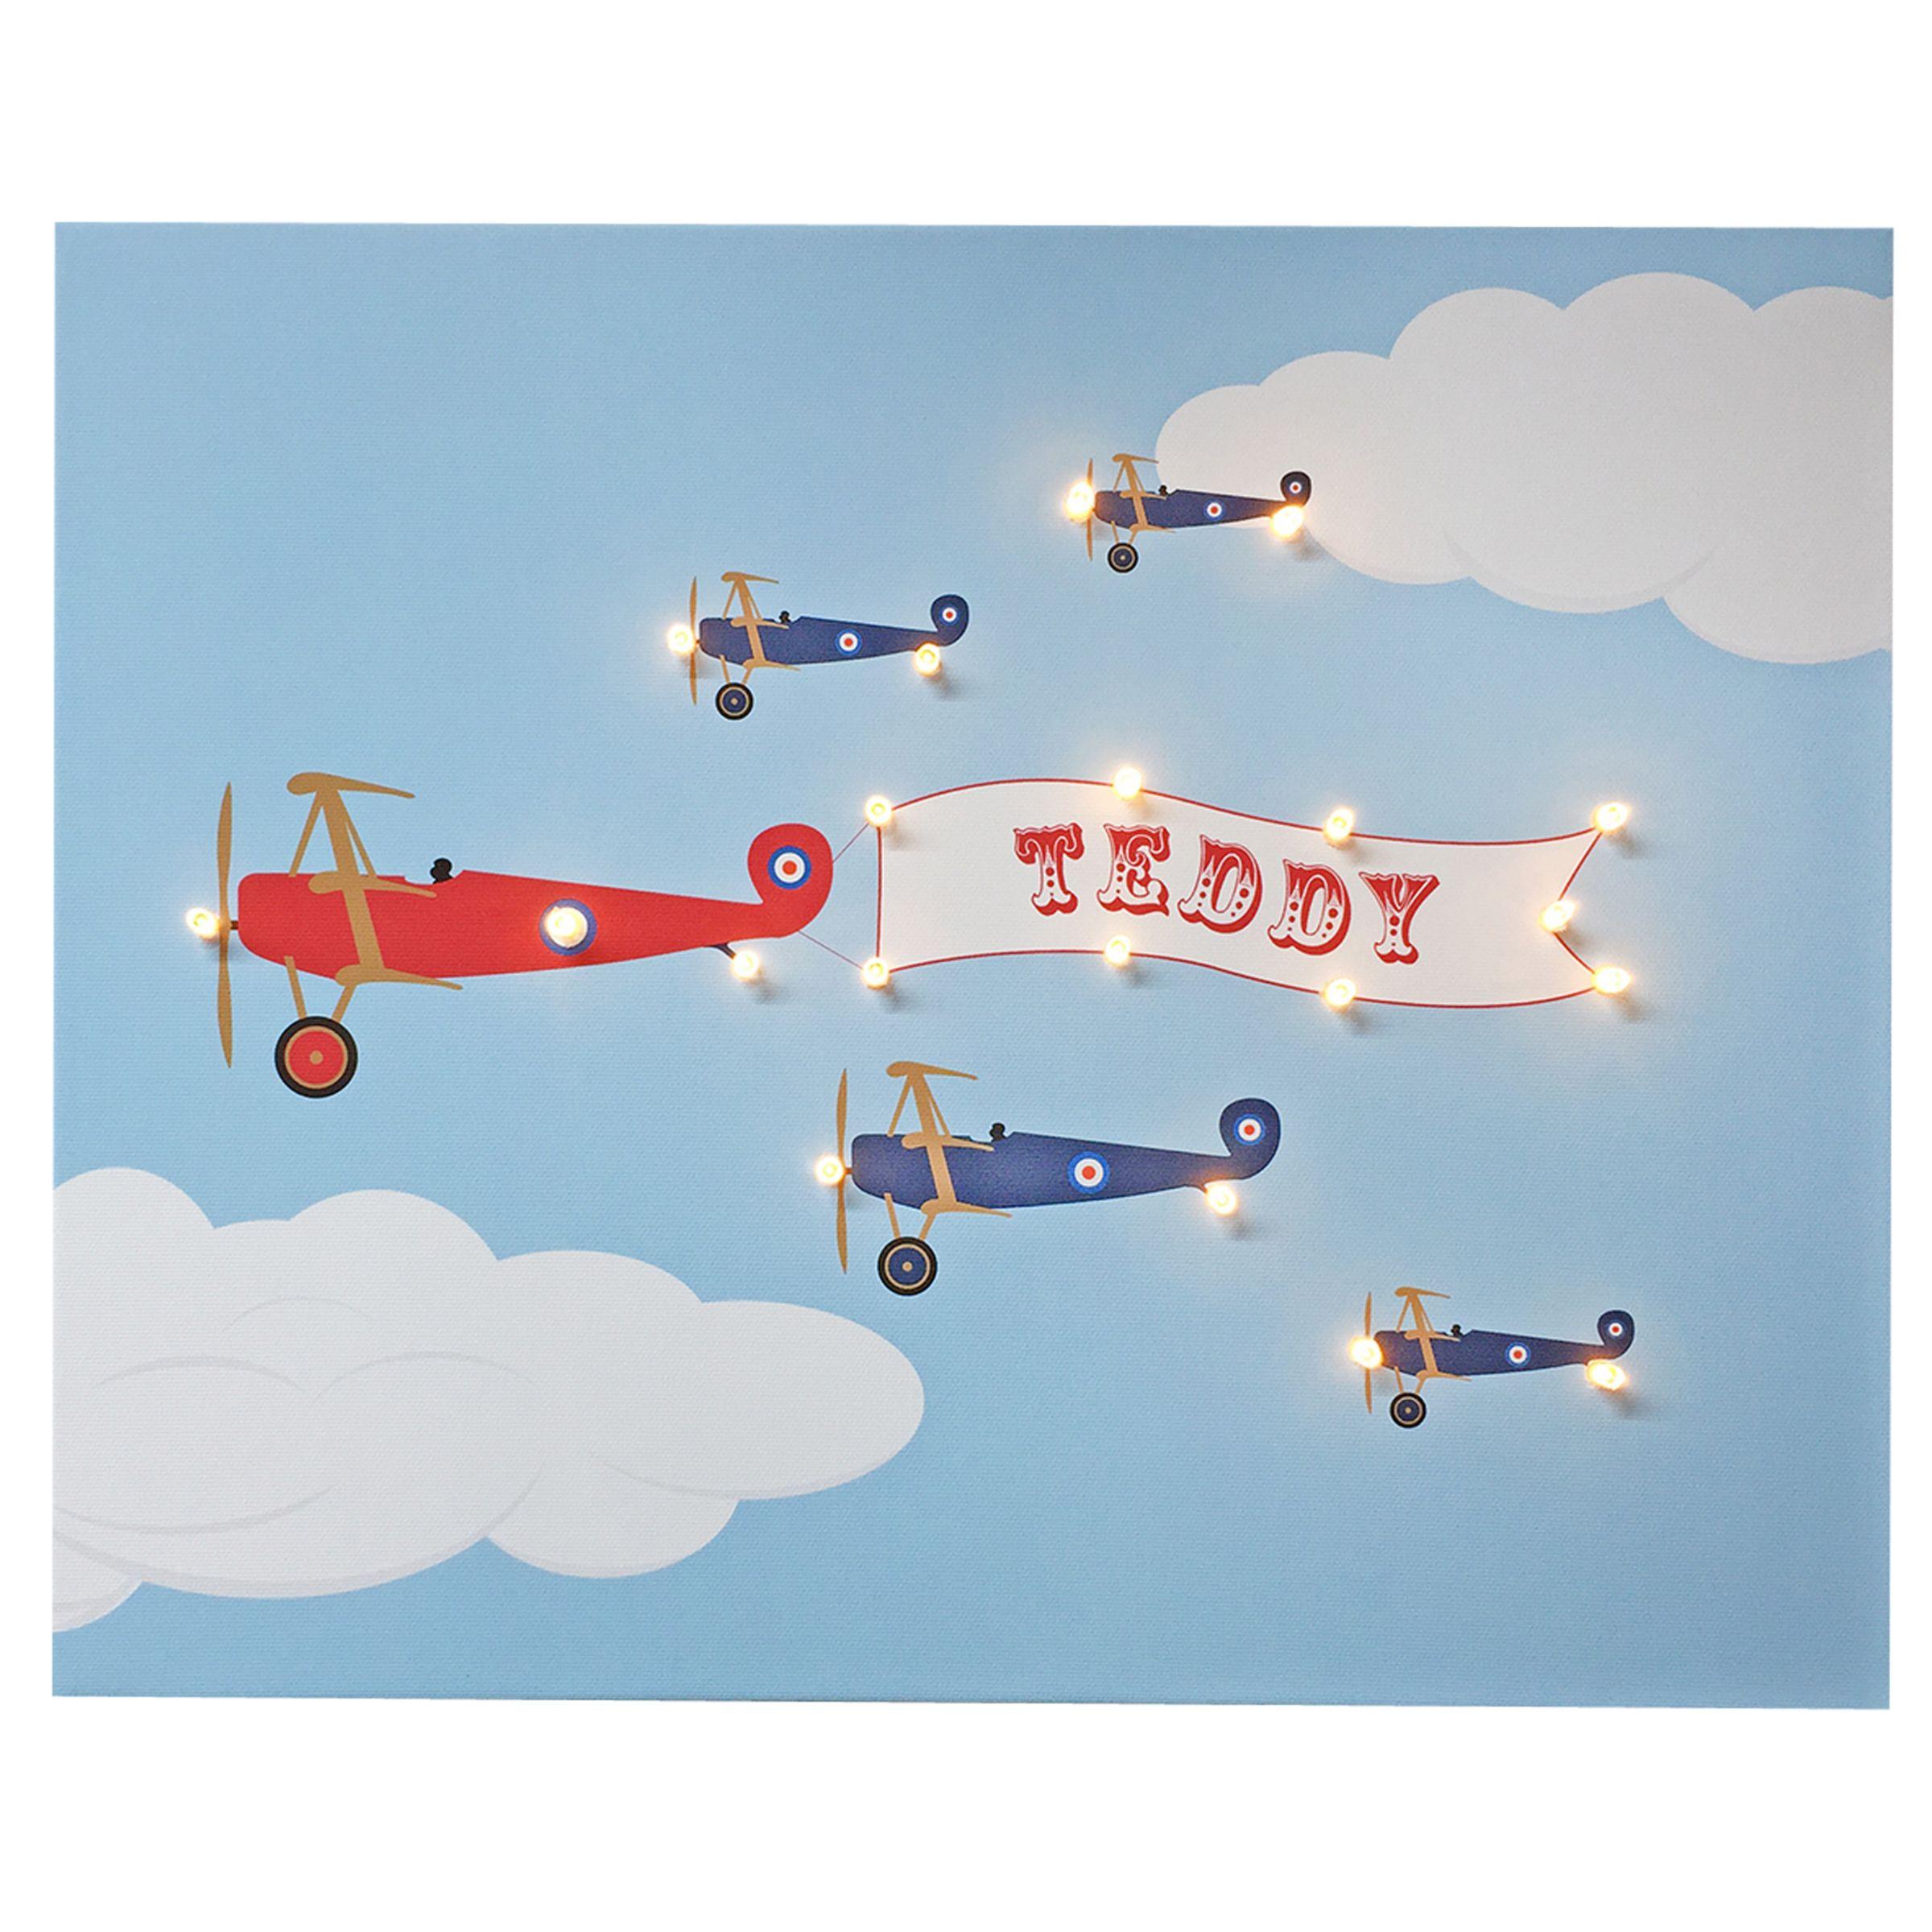 Illuminated Canvas Illuminated Canvas Personalised Bi-planes LED Canvas, 40 x 60cm, Baby Blue